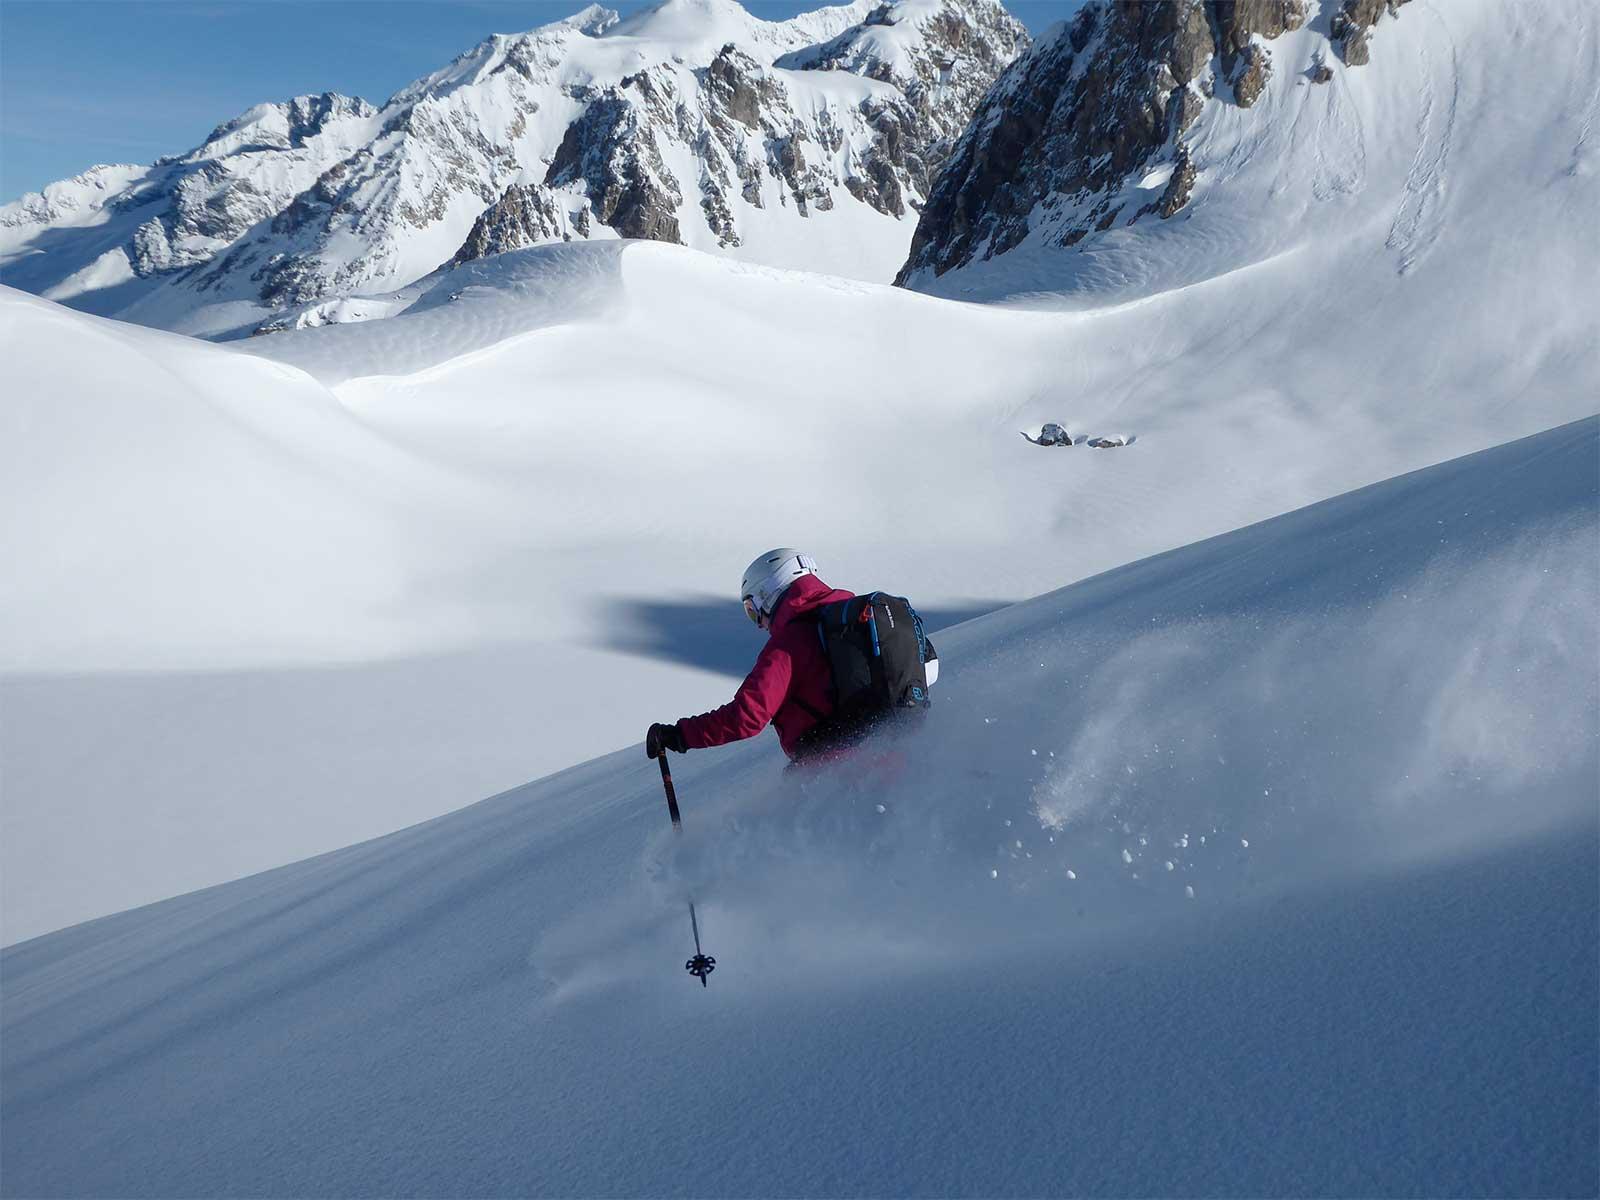 Freeflo Ski Instruction